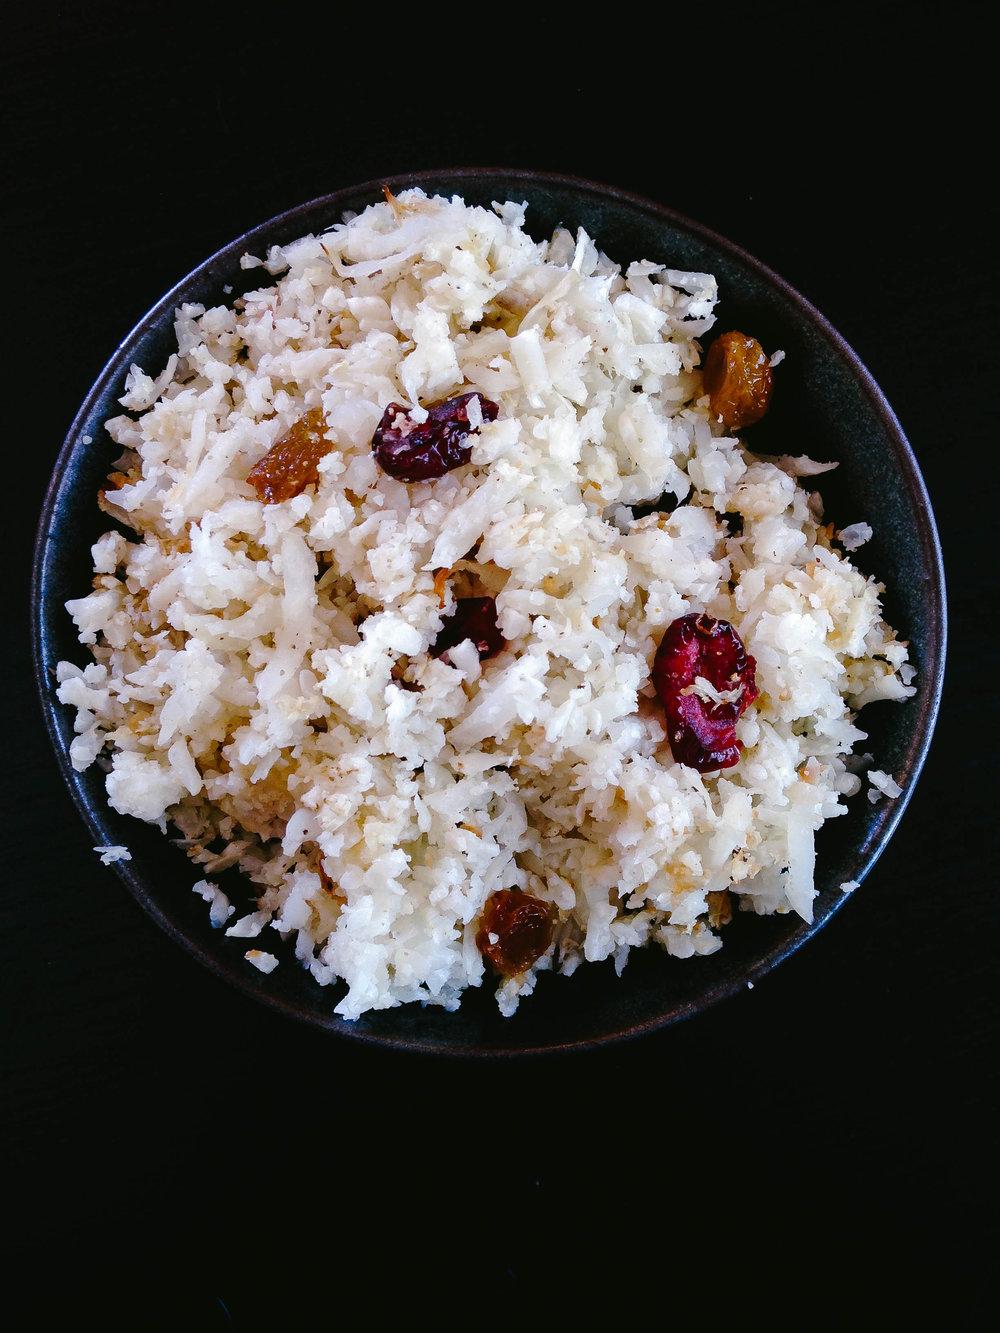 Mangalorean Cauliflower Rice Pulao via Worthy Pause